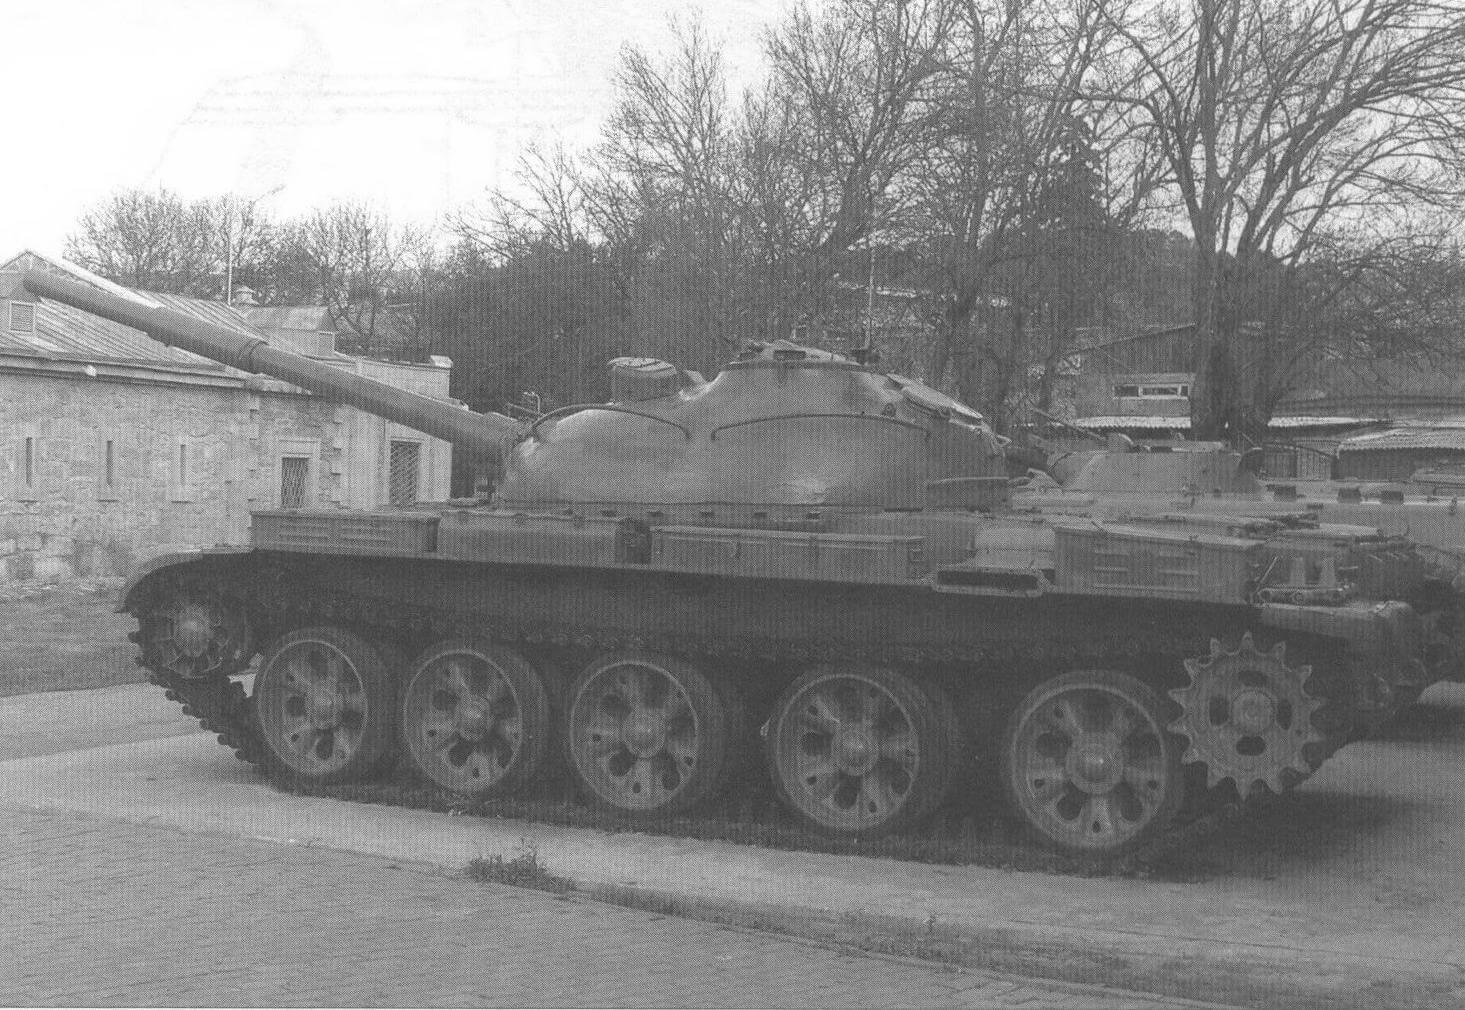 Кормовая часть танка Т-62